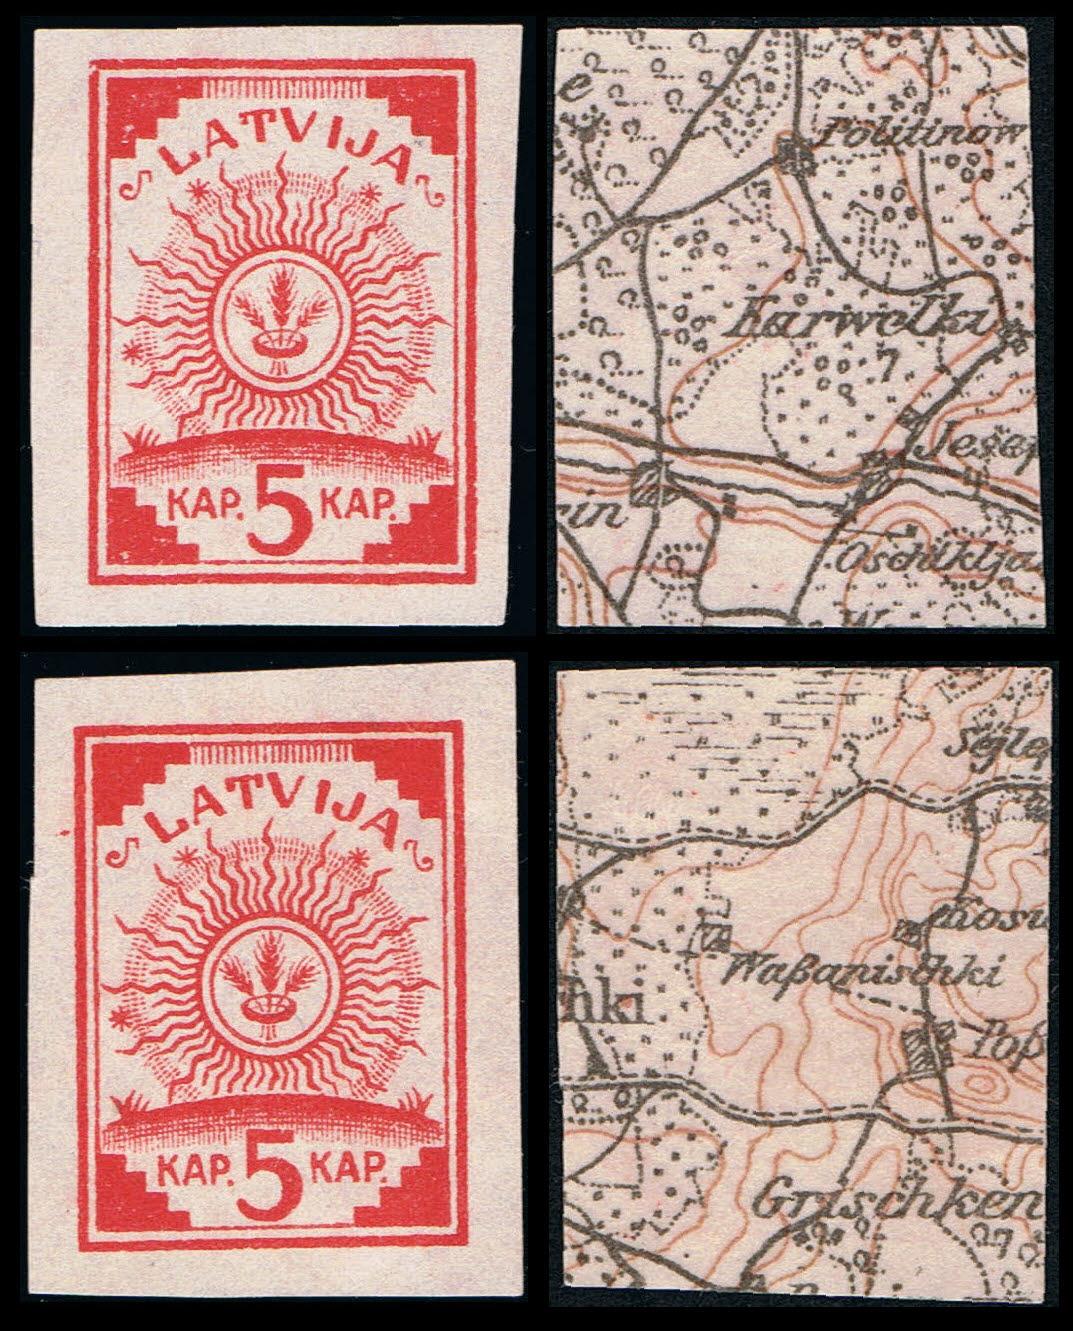 FleißIg Briefmarken Lettland Lettland